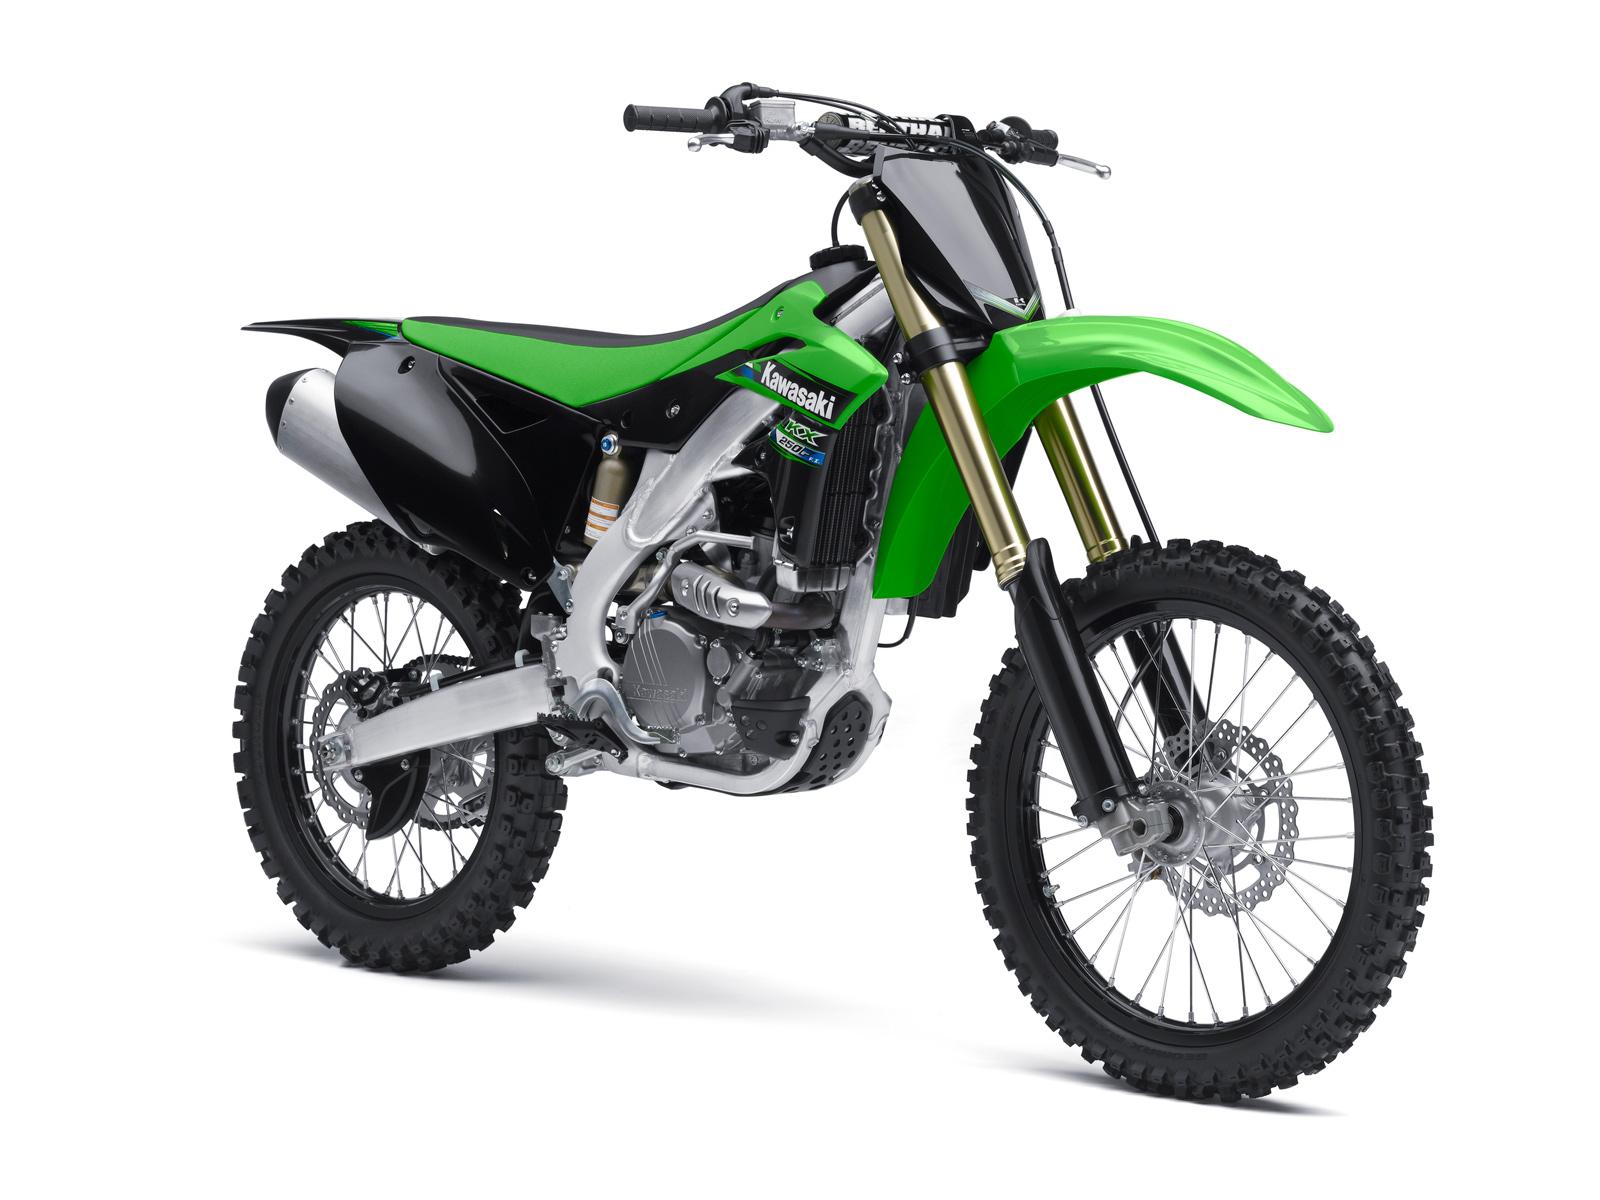 2013モデルのKX450F/KX250F_a0170631_13132395.jpg